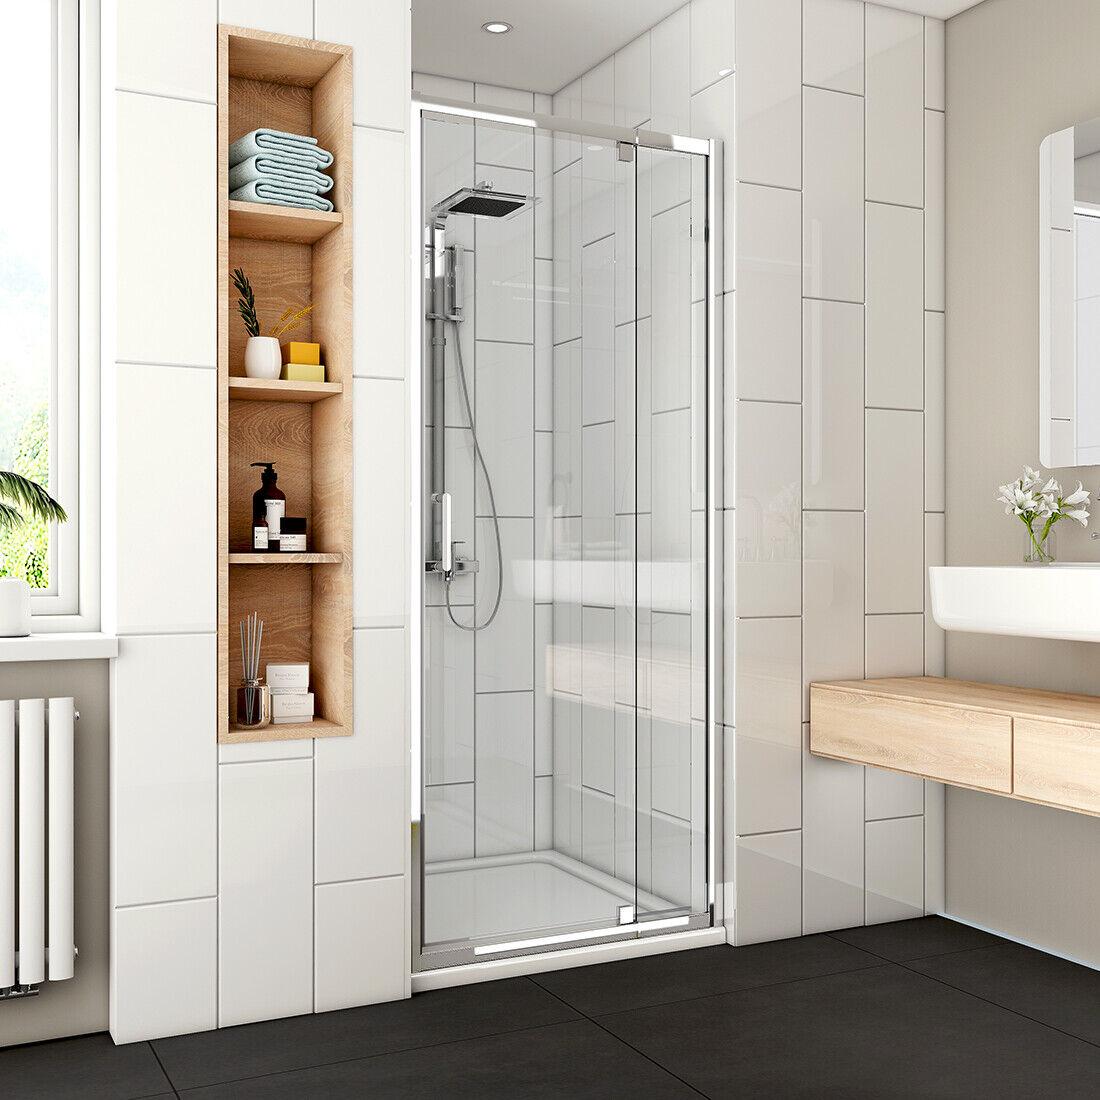 31 36 1 2 X 72 Framed Pivot Swing Shower Door 1 4 Clear Glass Chrome Finish